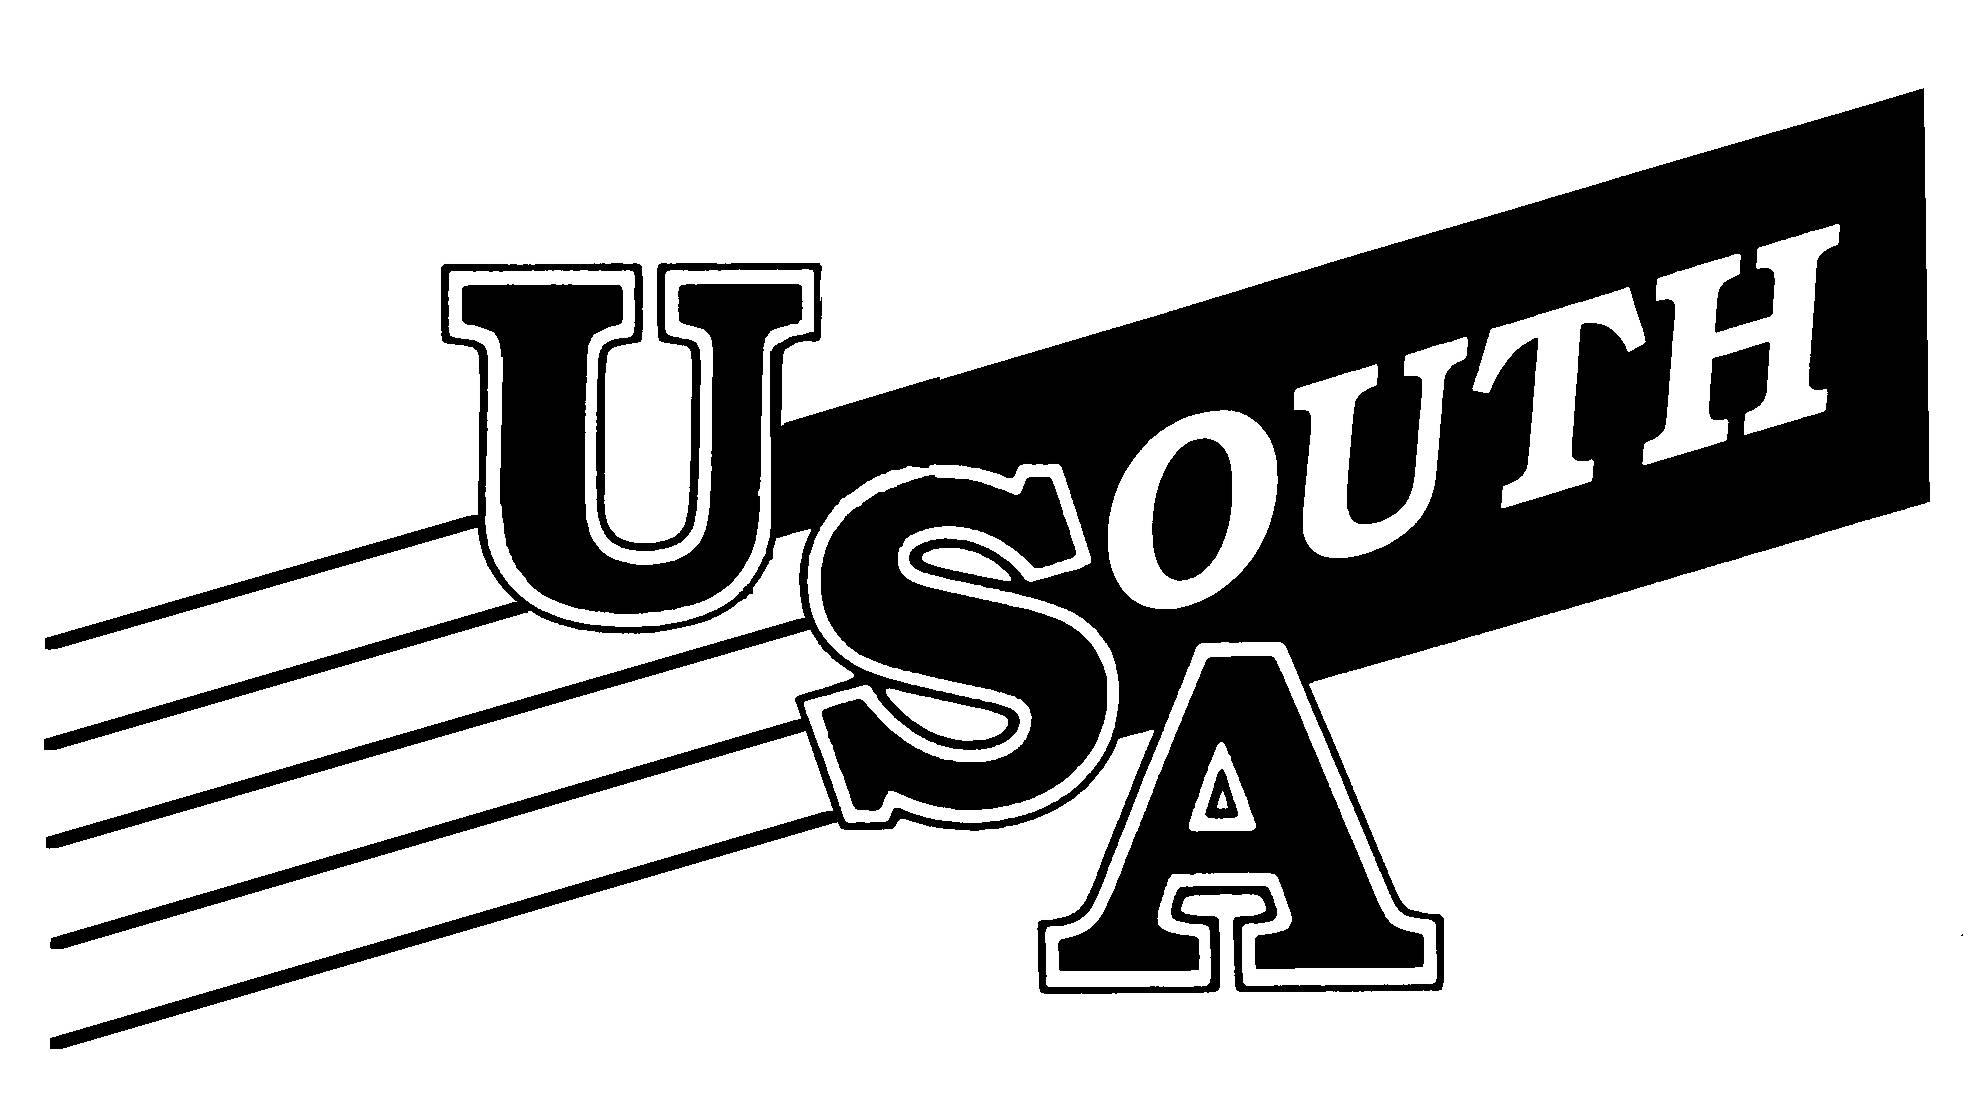 USA SOUTH.JPG